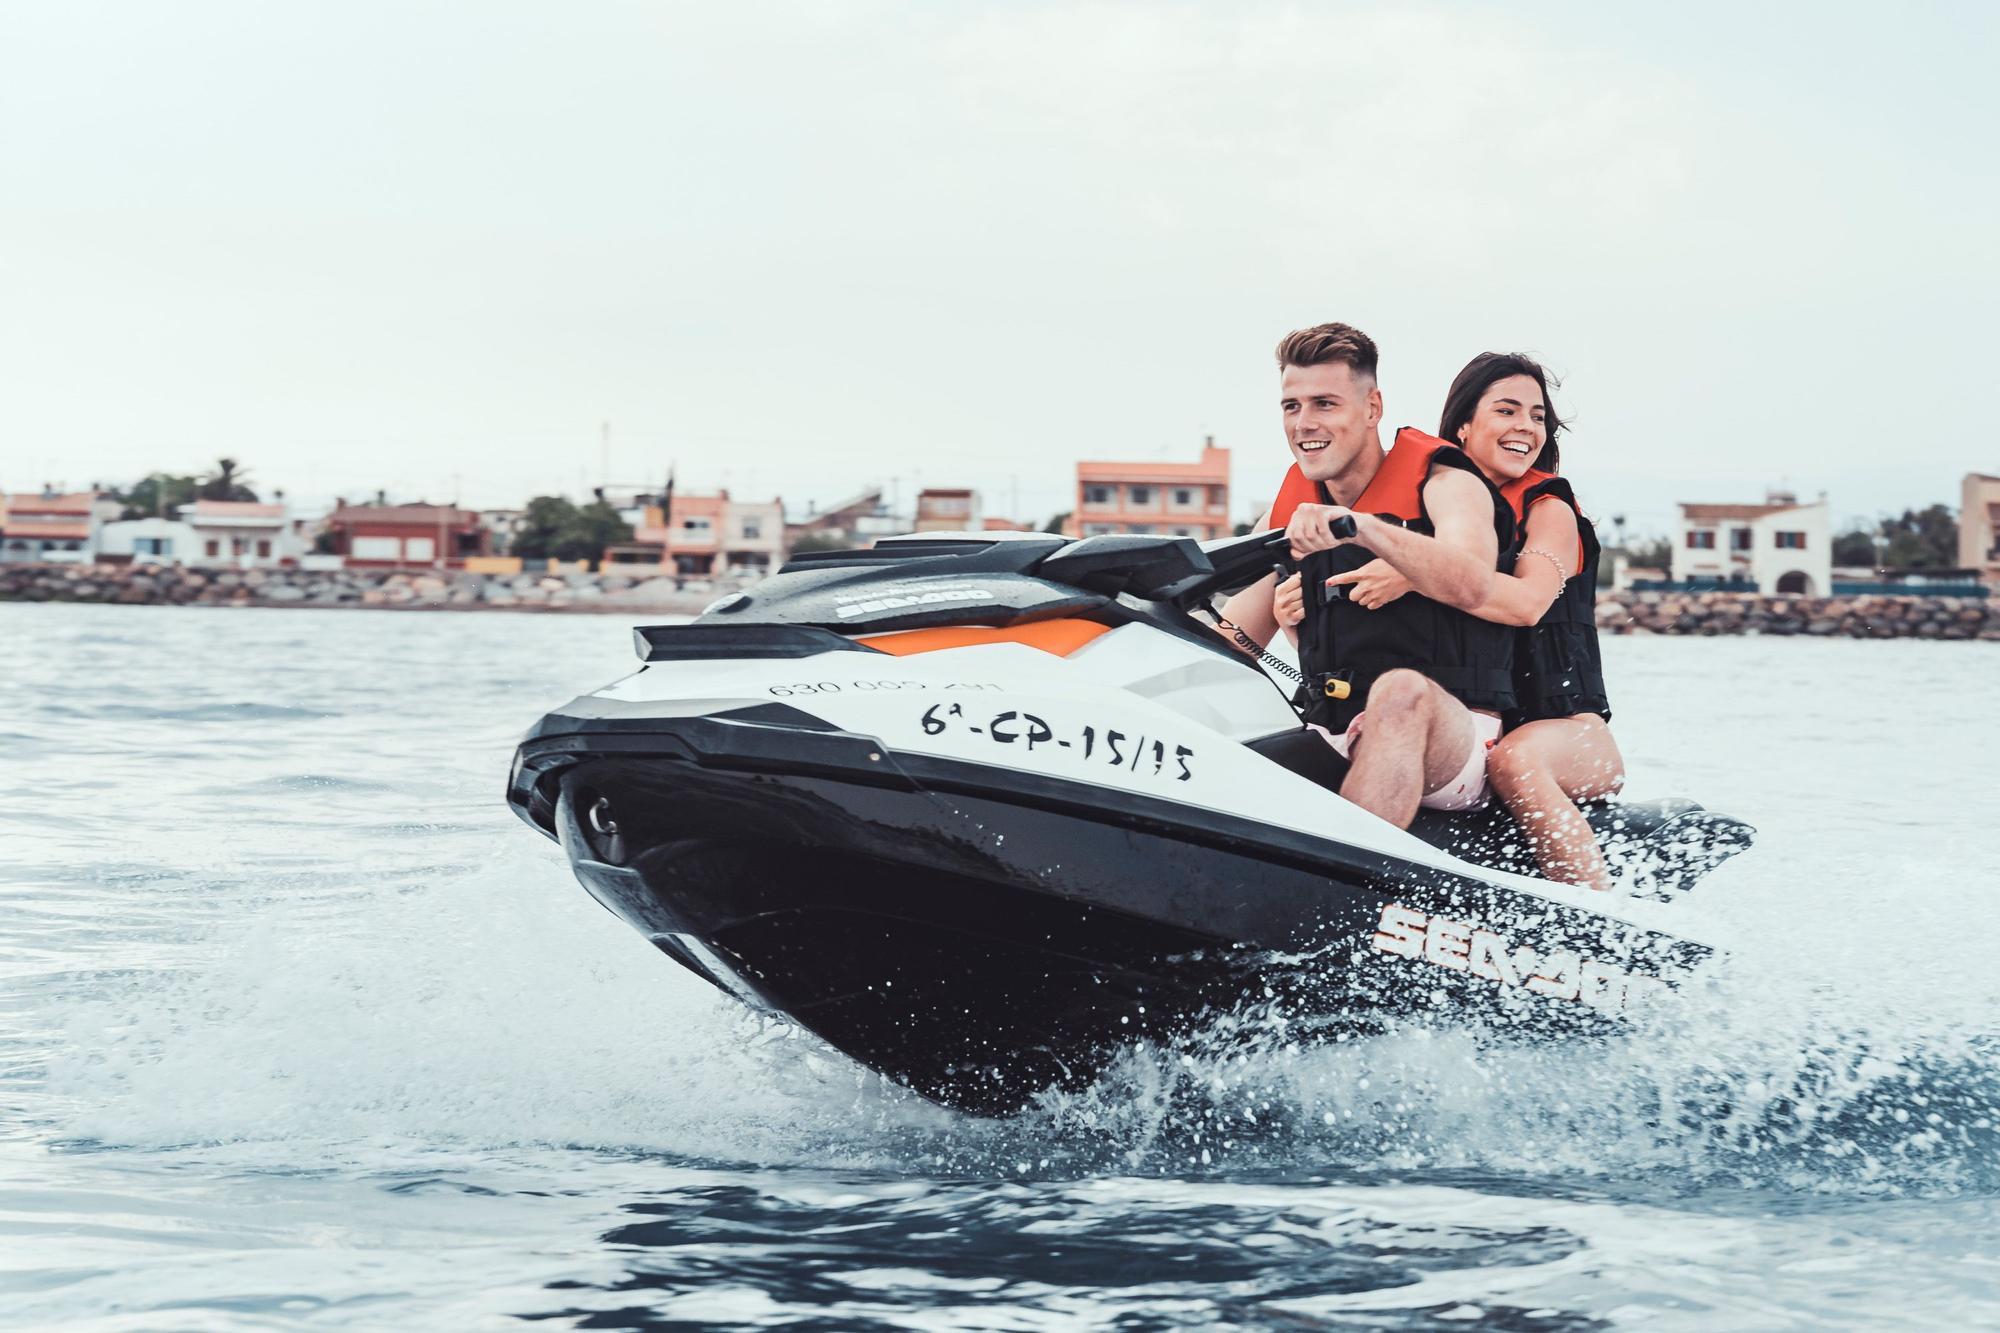 Amplían la oferta de ocio estival y ofrecen servicio de motos de agua en Burriana